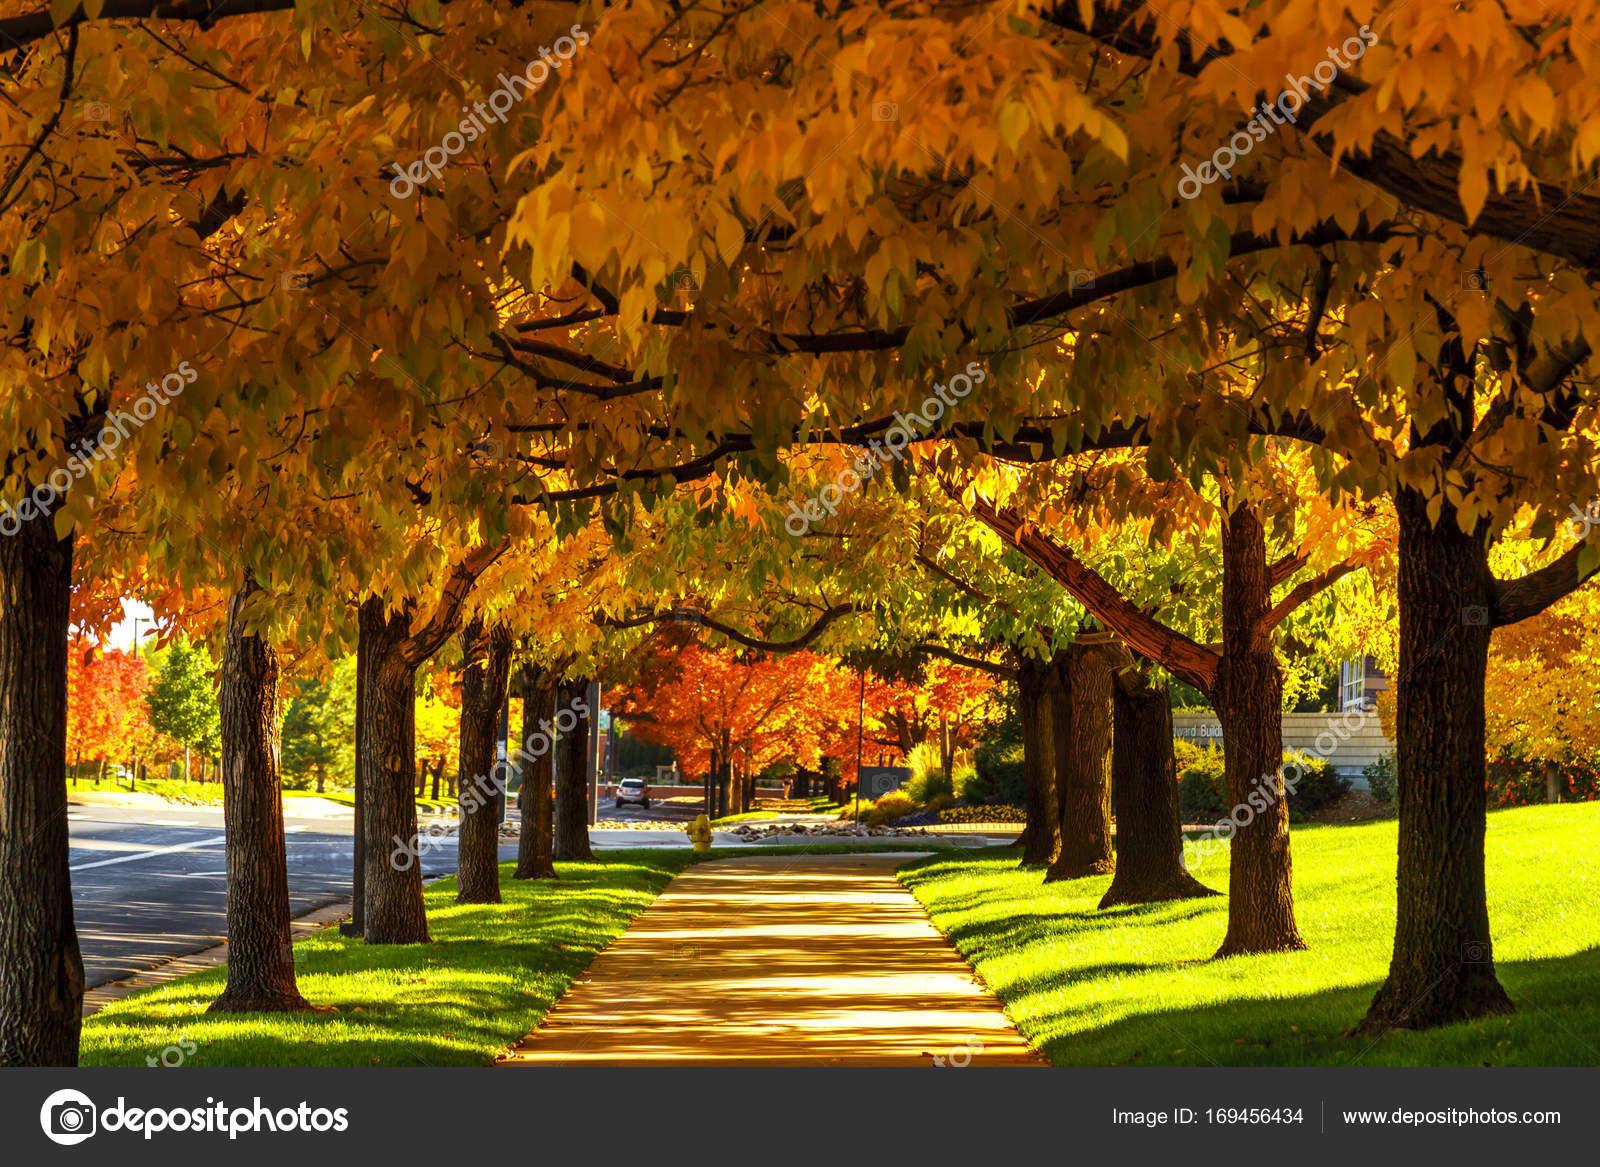 Fall Colors In Denver Colorado Tech Center